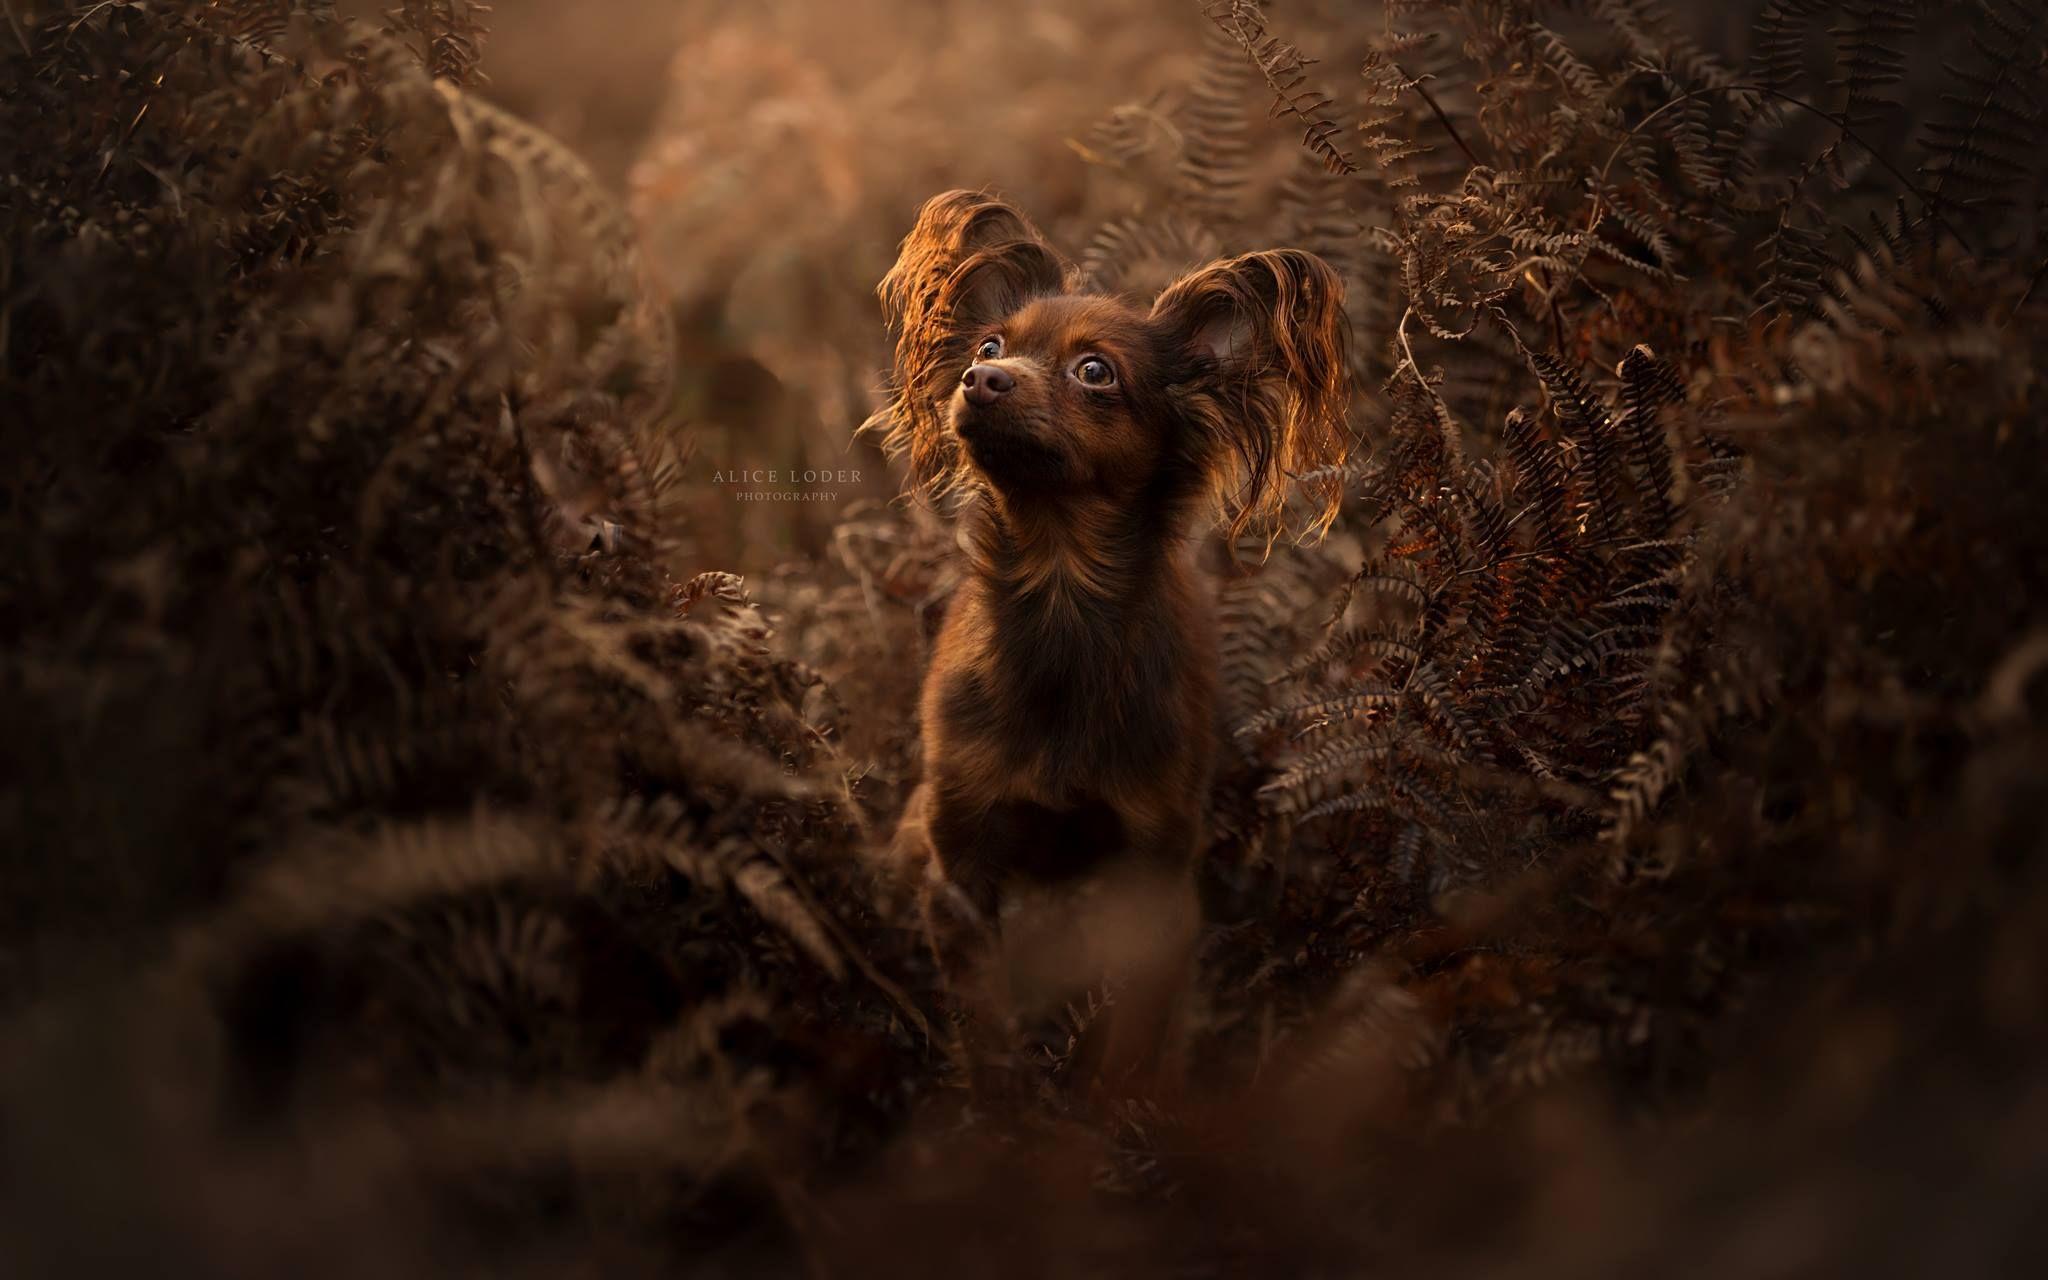 Pin by Zůza Vodičková on Cats & Dogs Animal photo, Best